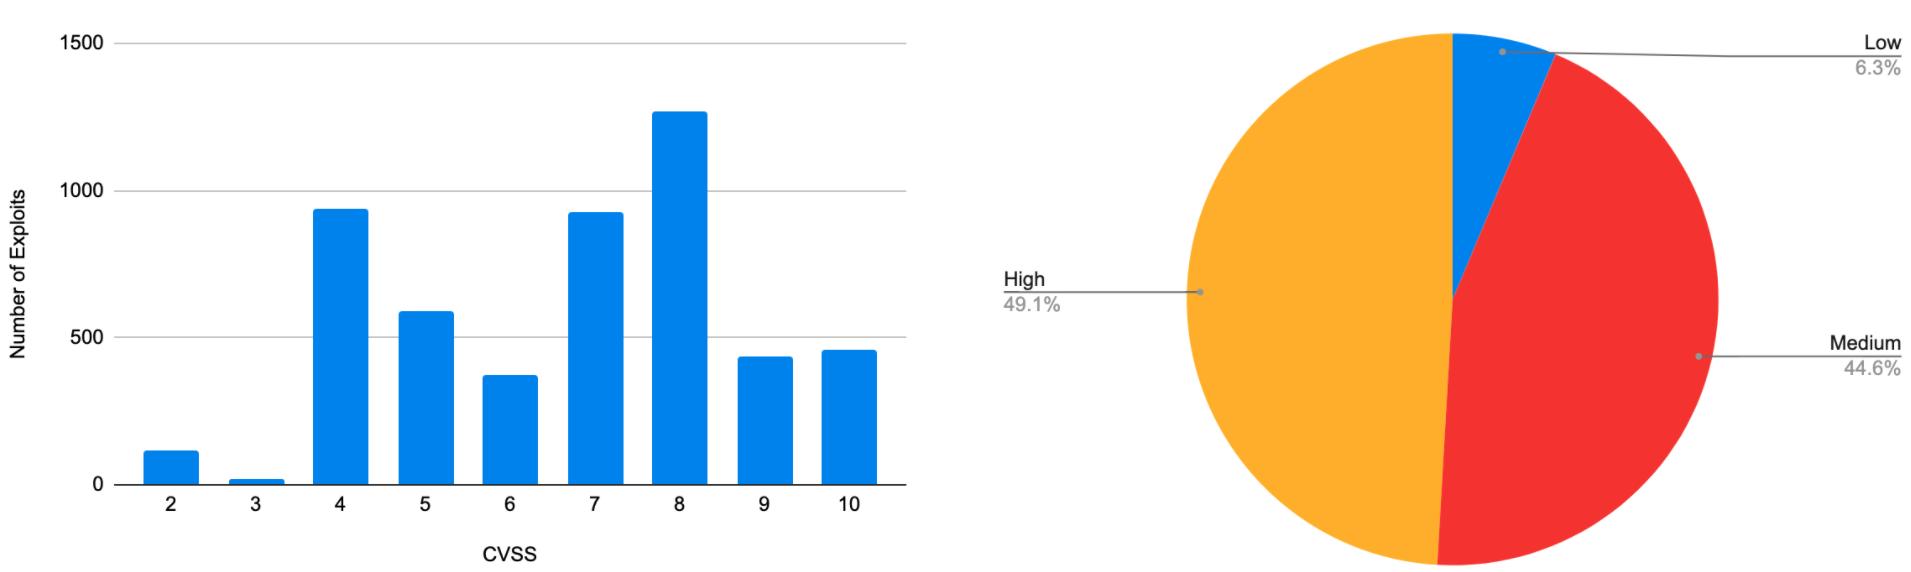 左の棒グラフは、エクスプロイト数(y軸)とCVSSスコア(x軸)を示したものです。右の円グラフは、「レベルI(注意)」(CVSS <4)、「レベルII(警告)」(CVSS <7および> = 4)、「レベルIII(危険)」(CVSS> = 7)に分類された、エクスプロイトの開発状況を深刻度の観点から示したものです。